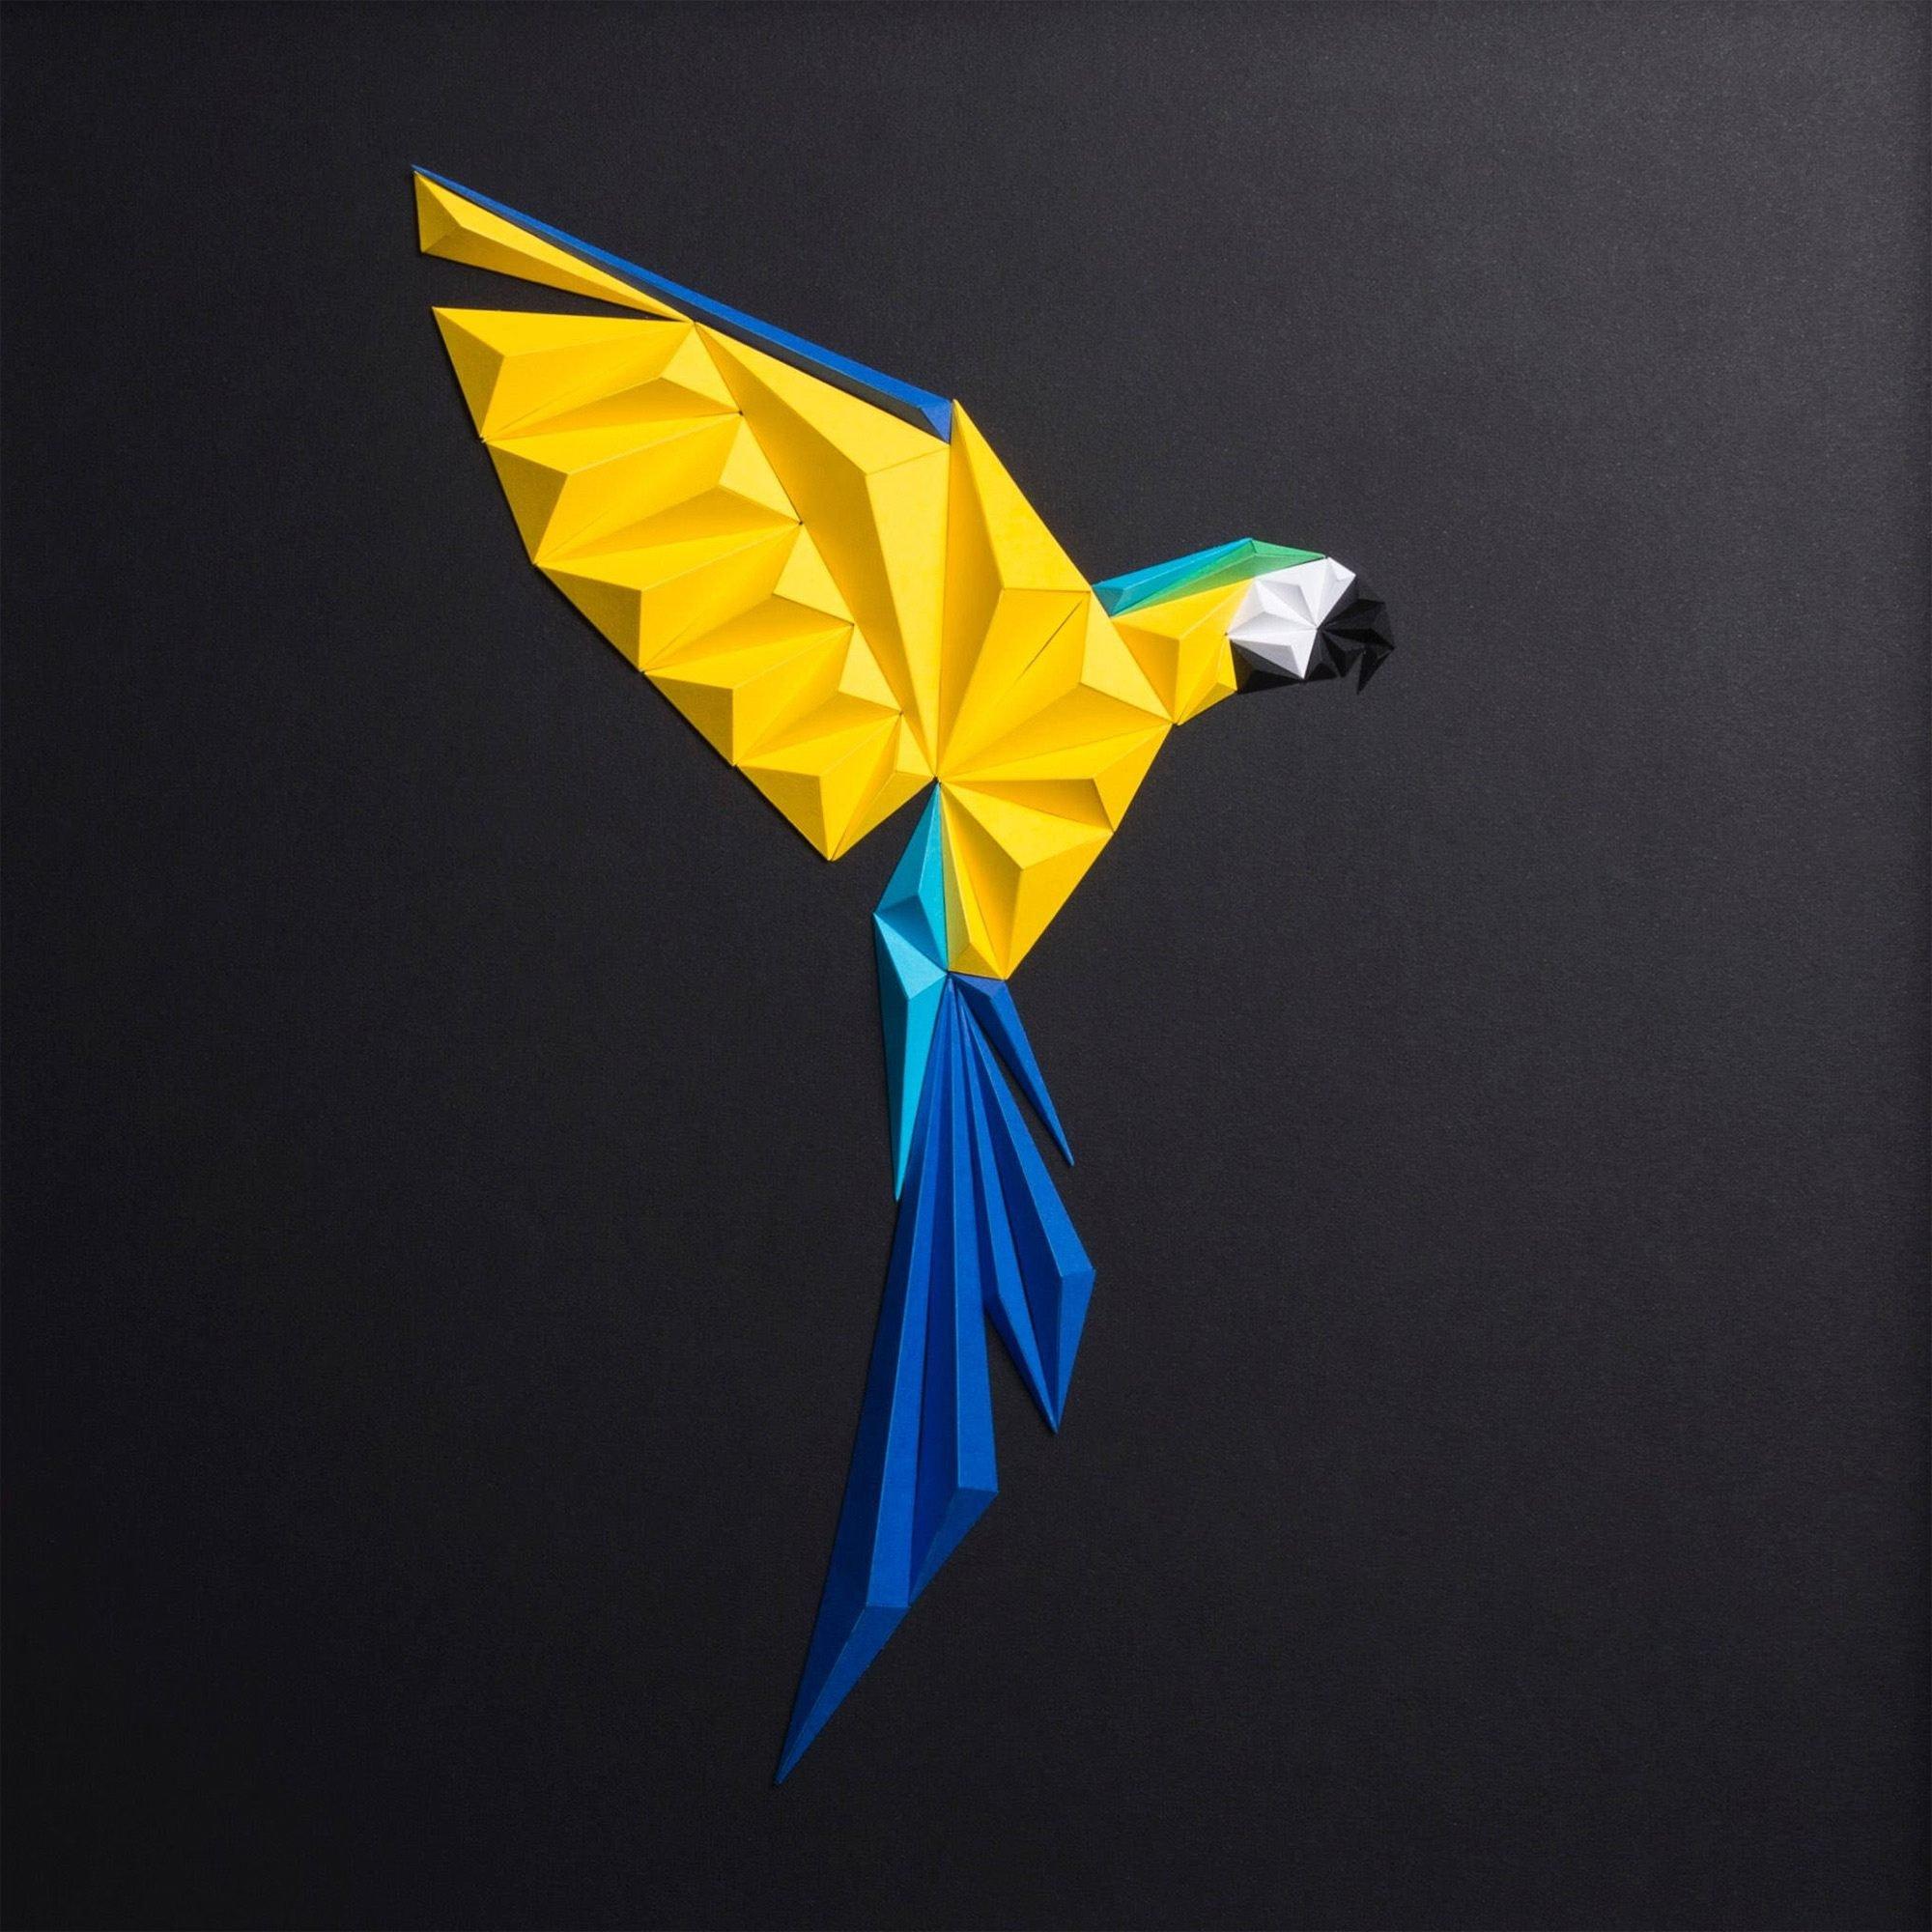 Красочные геометрические птицы из бумаги от Тайфуна Тинмаза